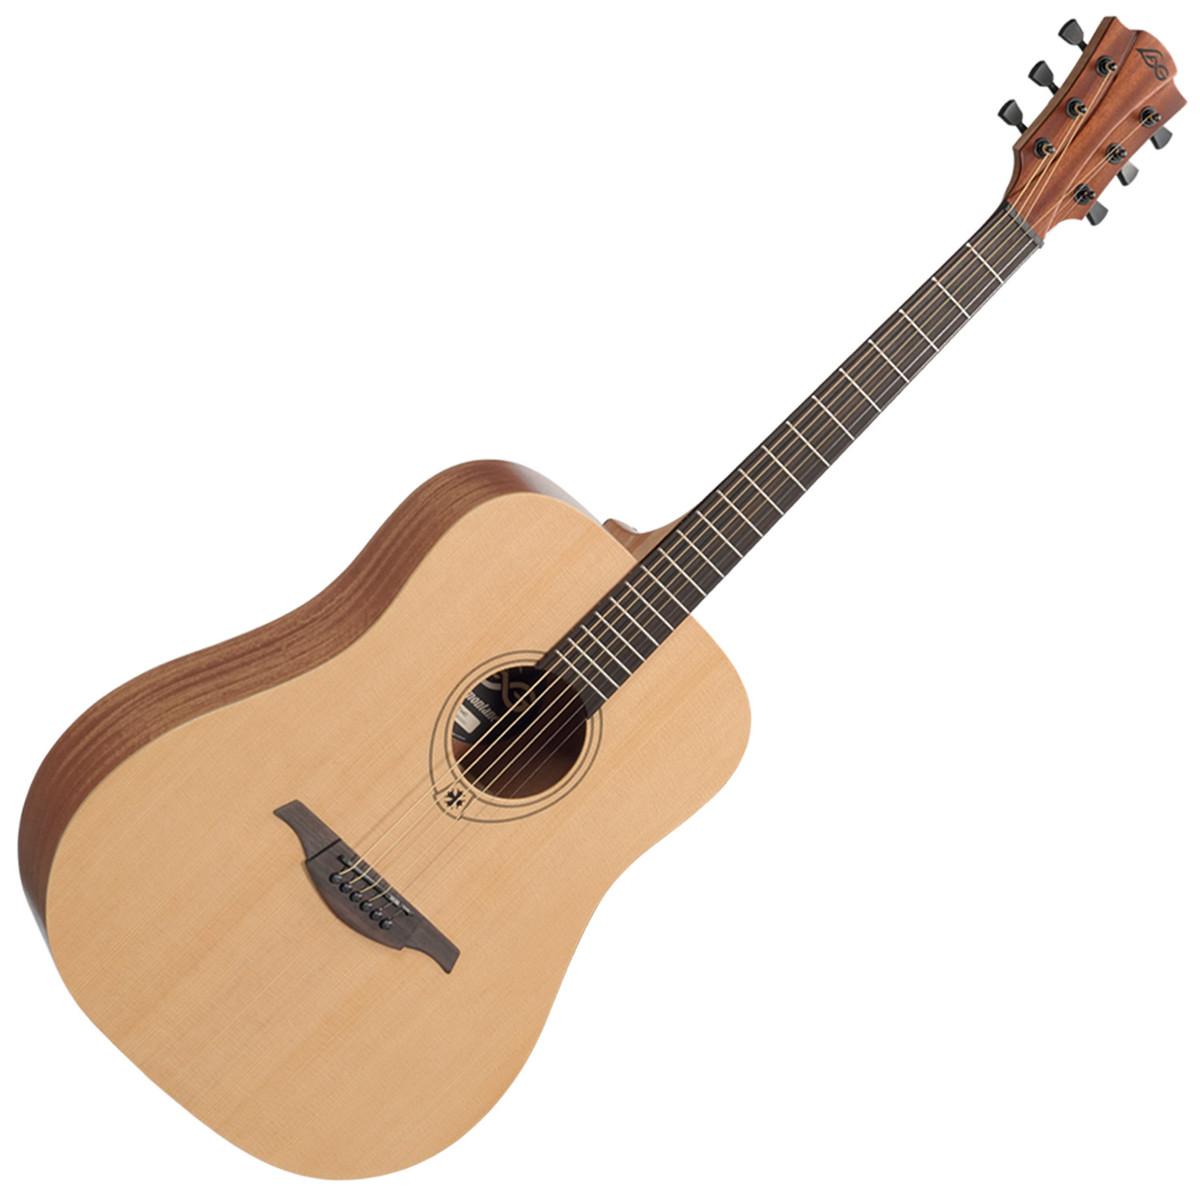 lag t44dpk acoustic guitar pack at. Black Bedroom Furniture Sets. Home Design Ideas